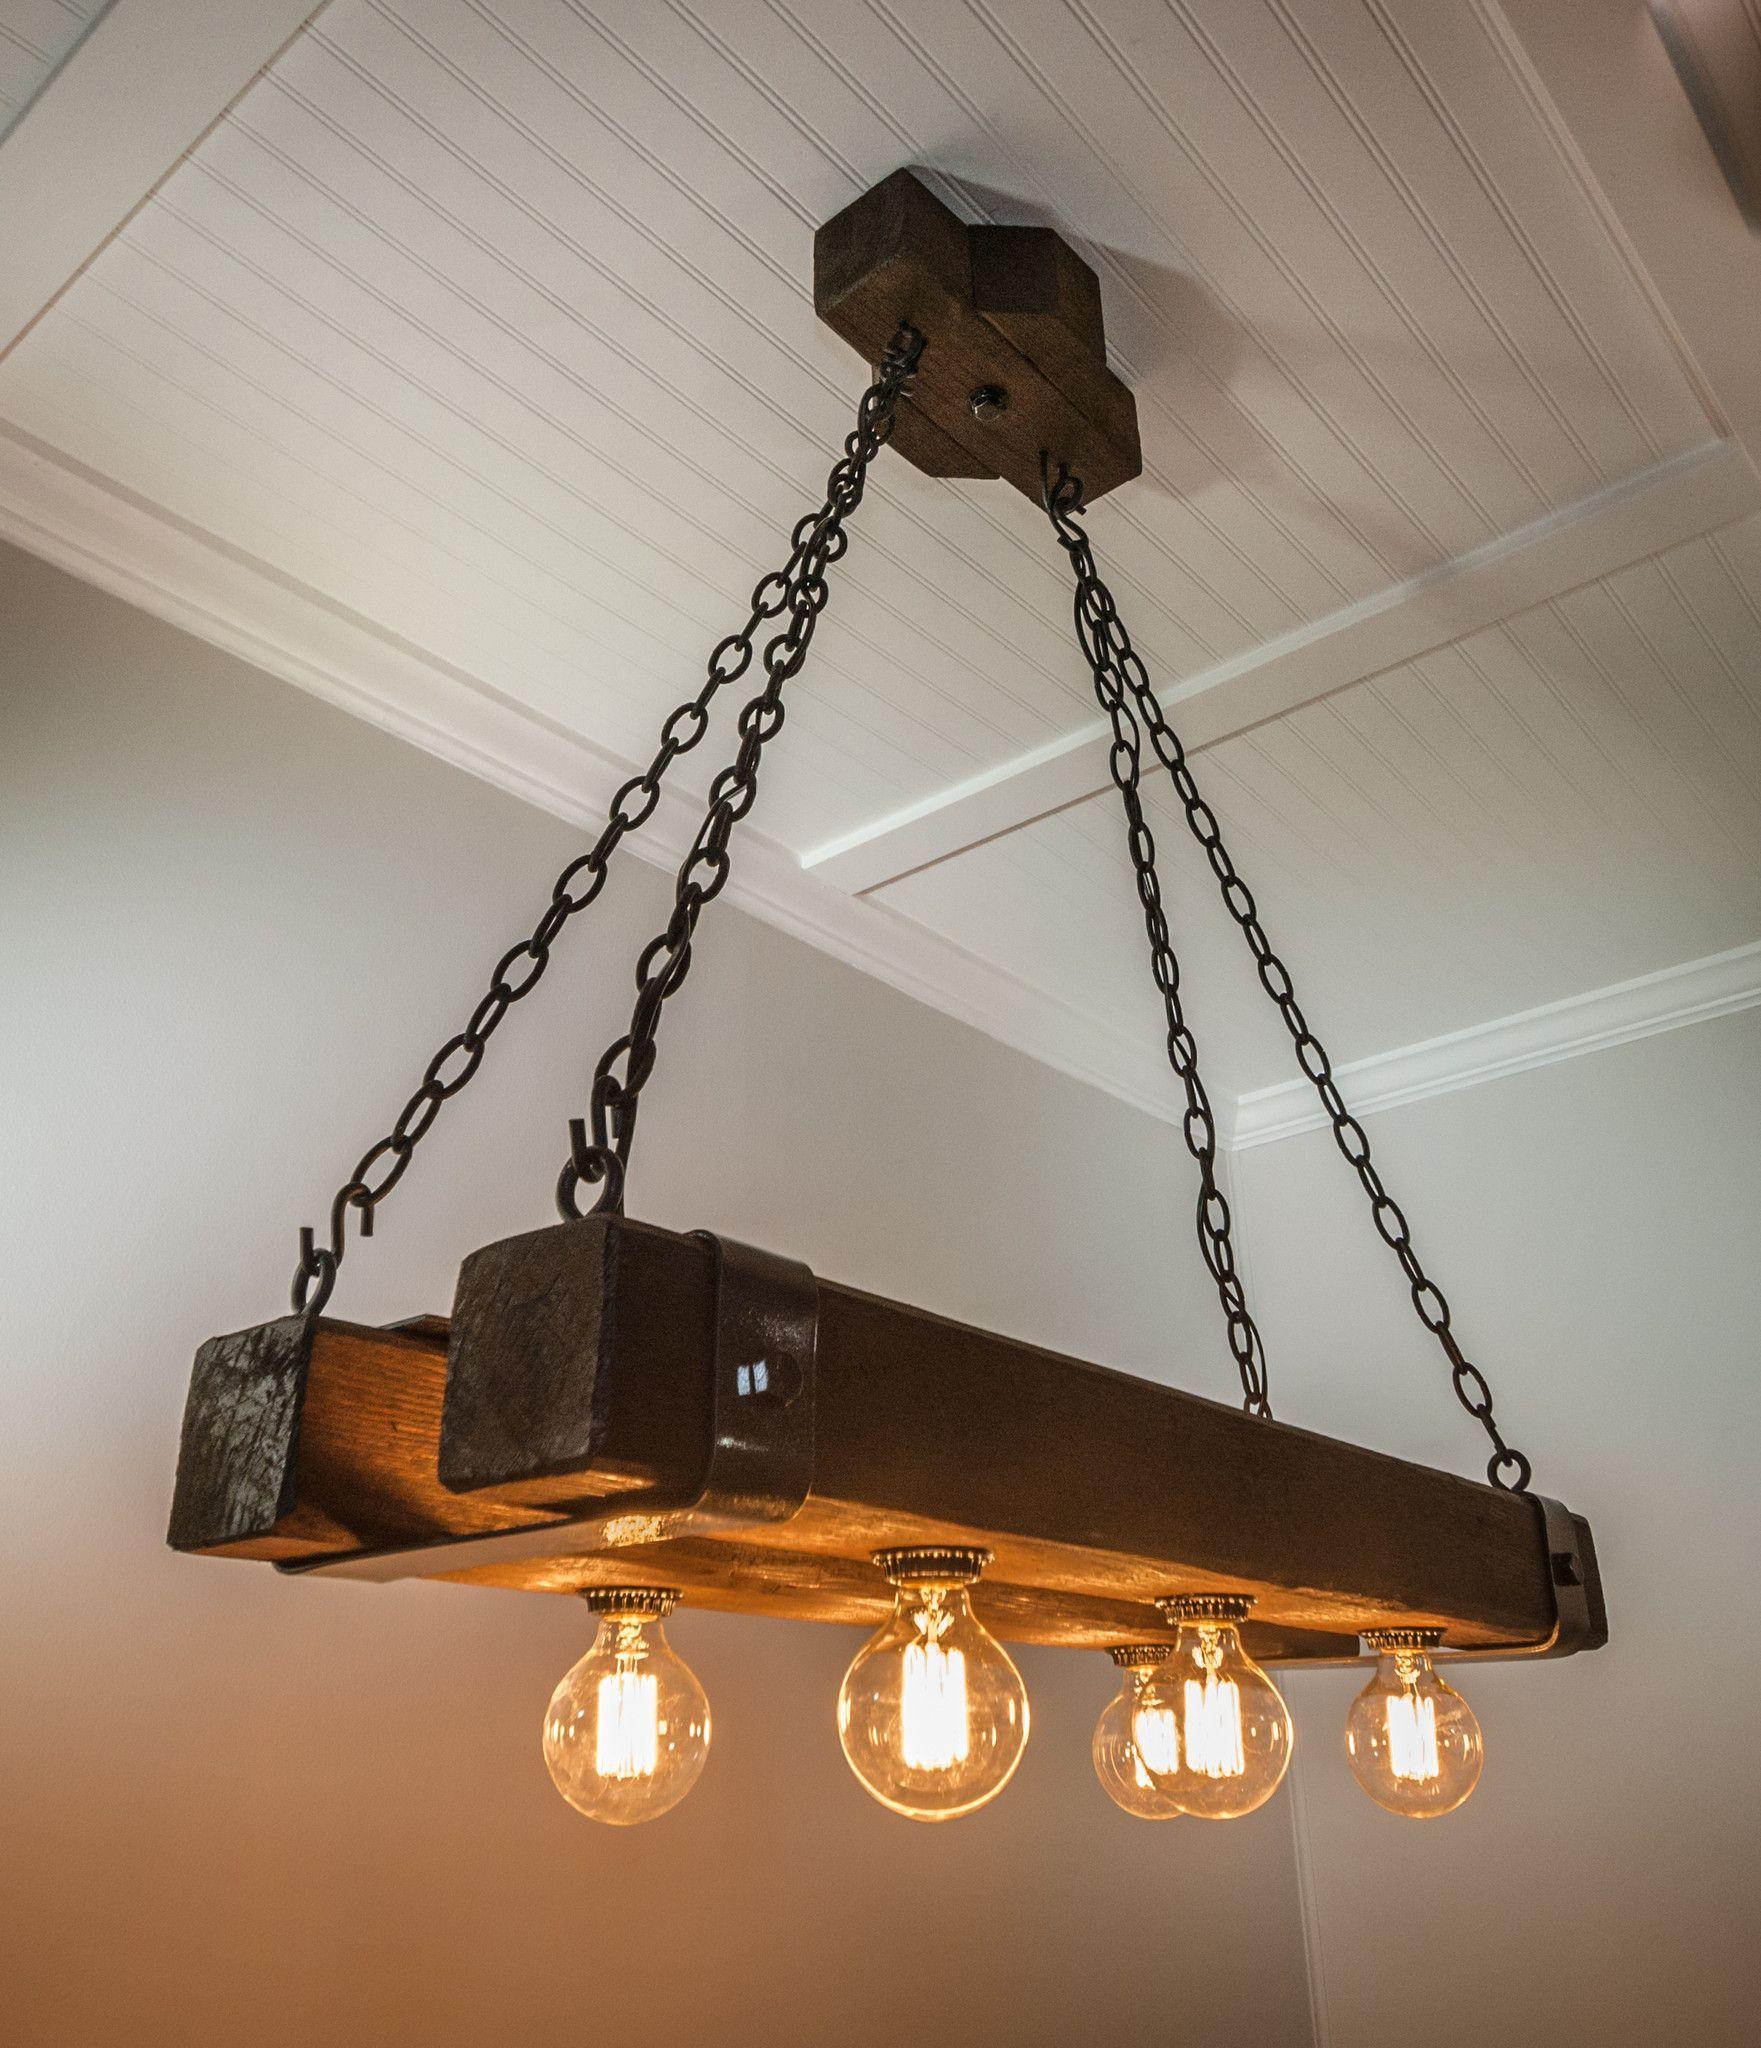 The double barrel beam chandelier